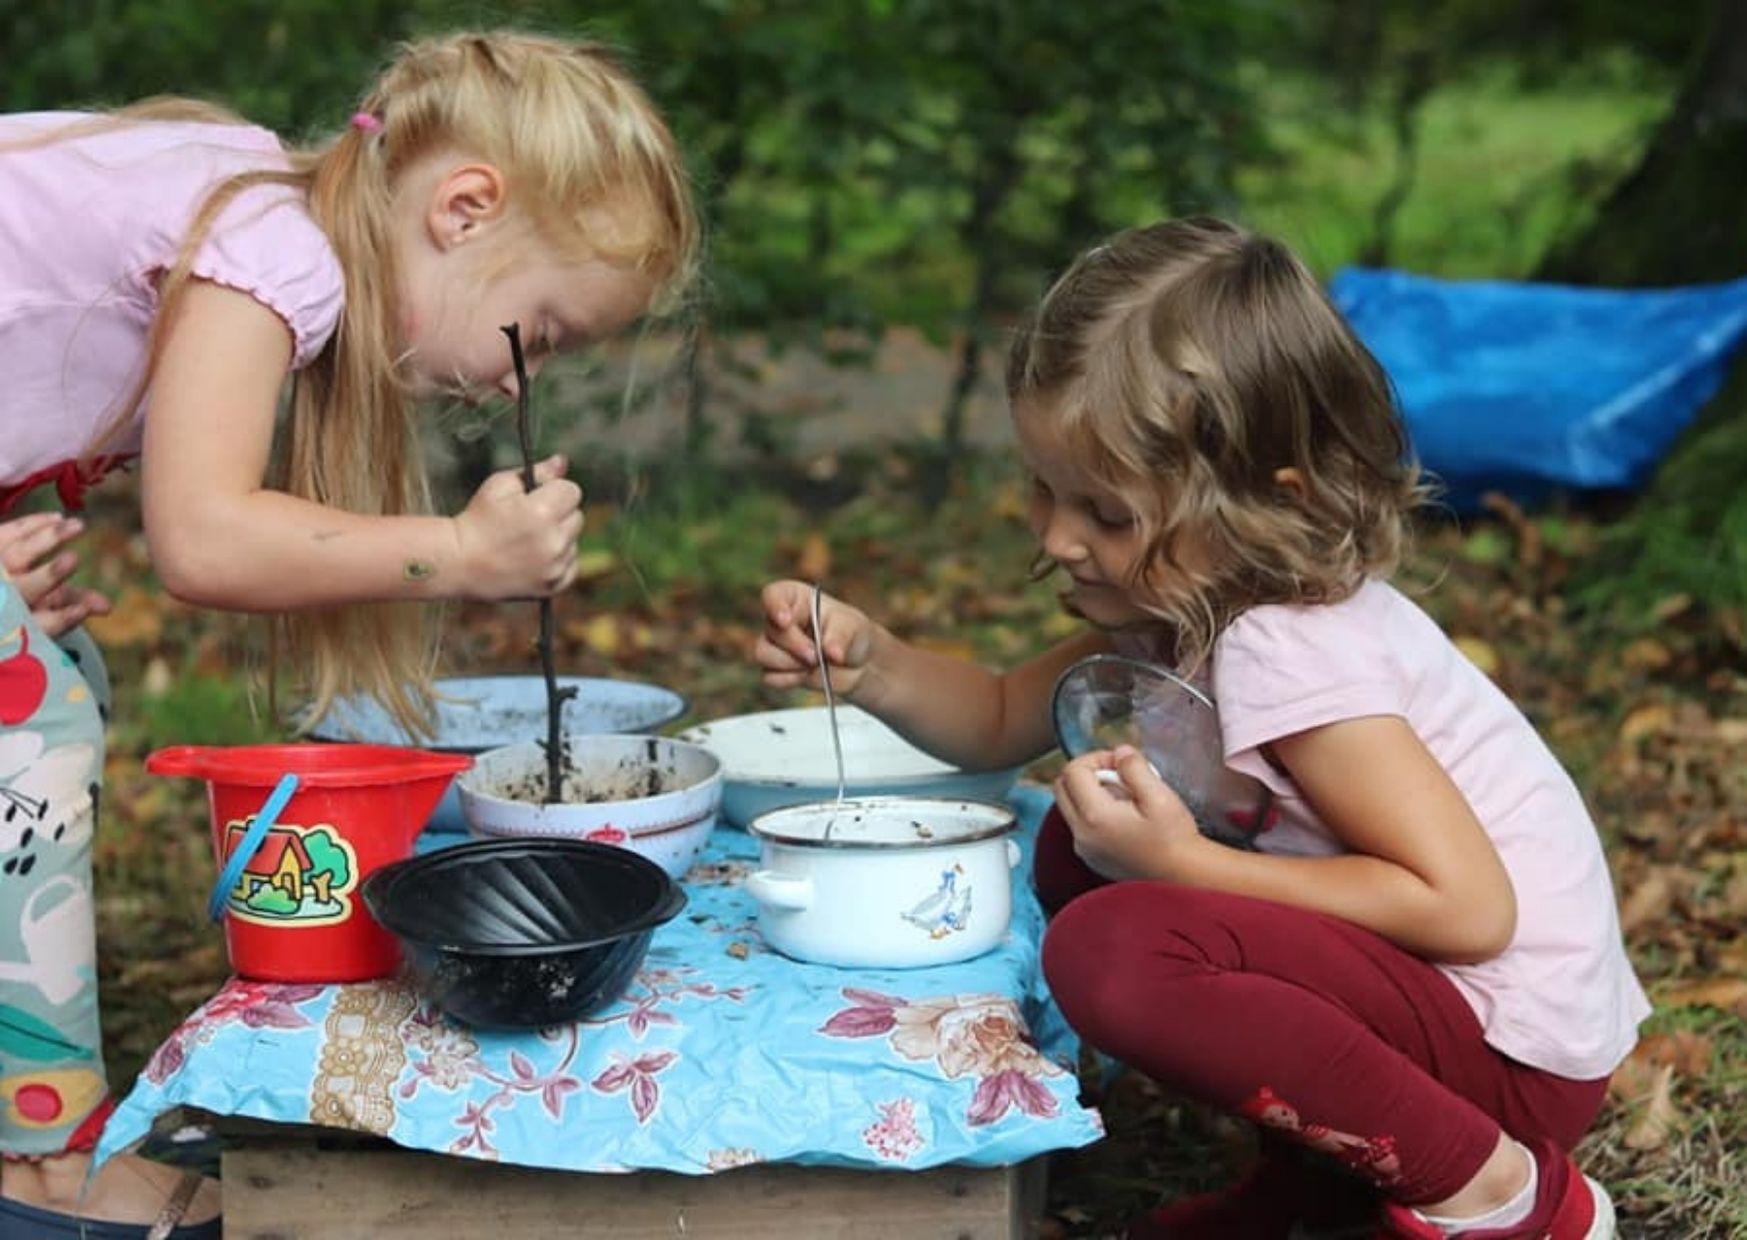 Dwie dziewczynki bawiące się w parku w gotowanie zupy z błota.